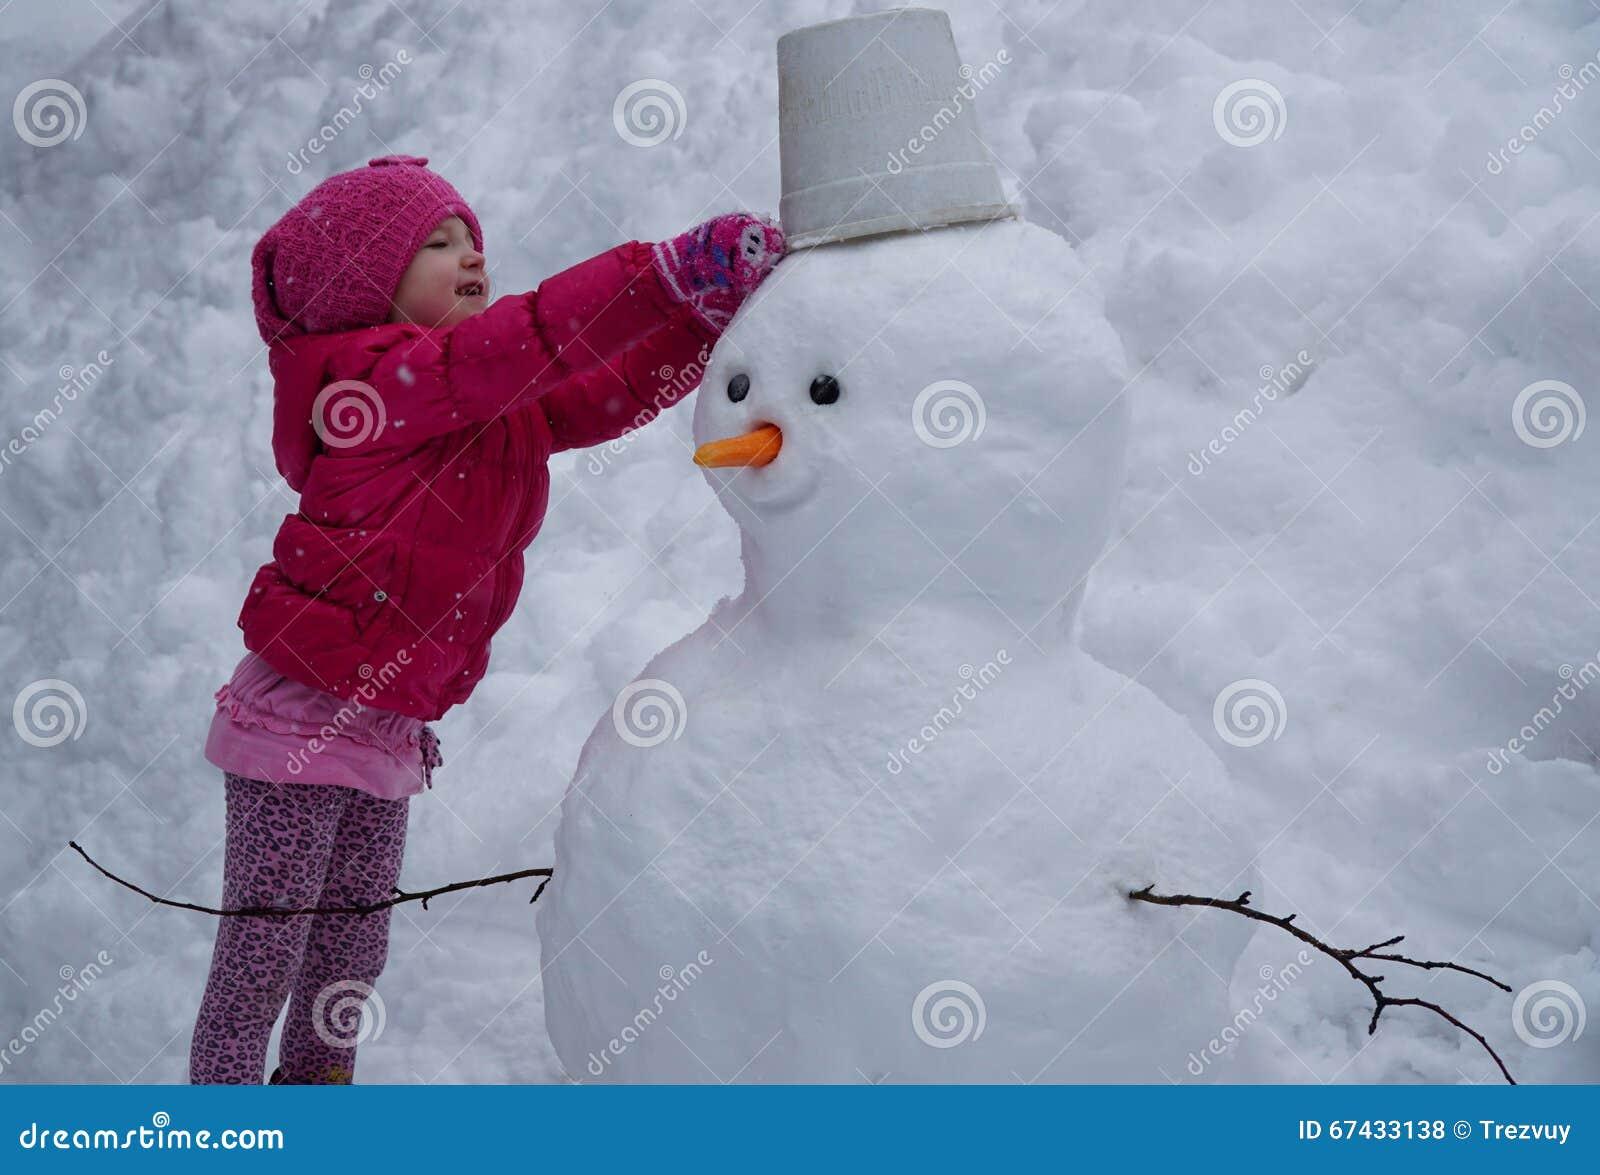 Картинка смешная снеговиков одень ведро, приколы девушки